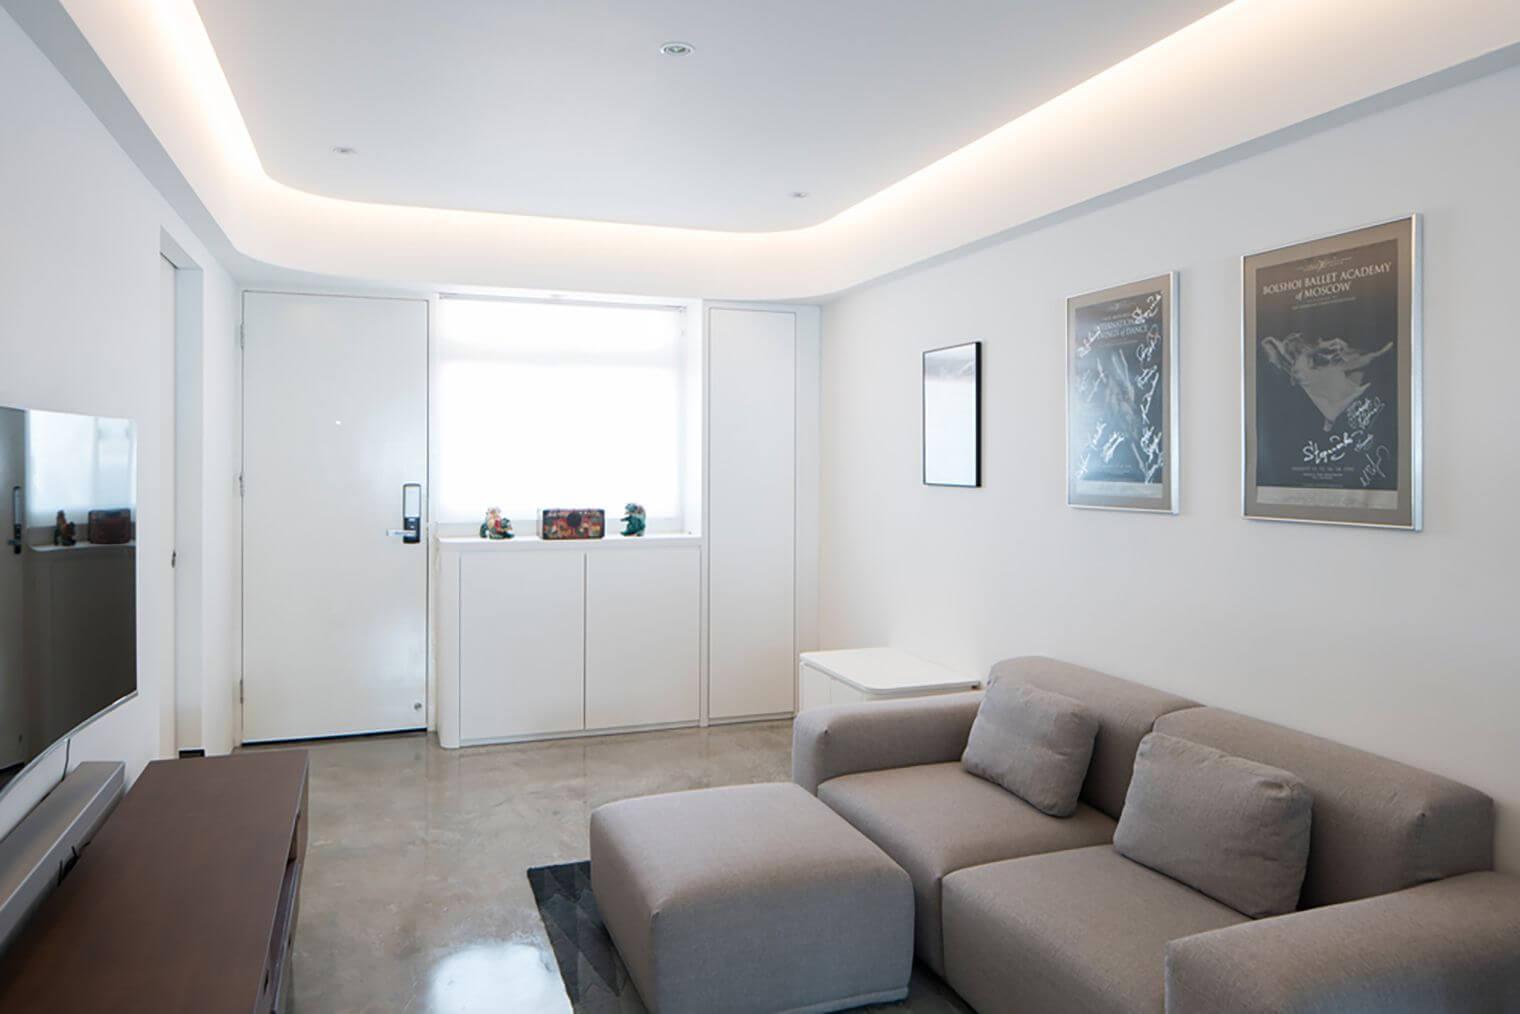 Salon moderne éclairage tamisé